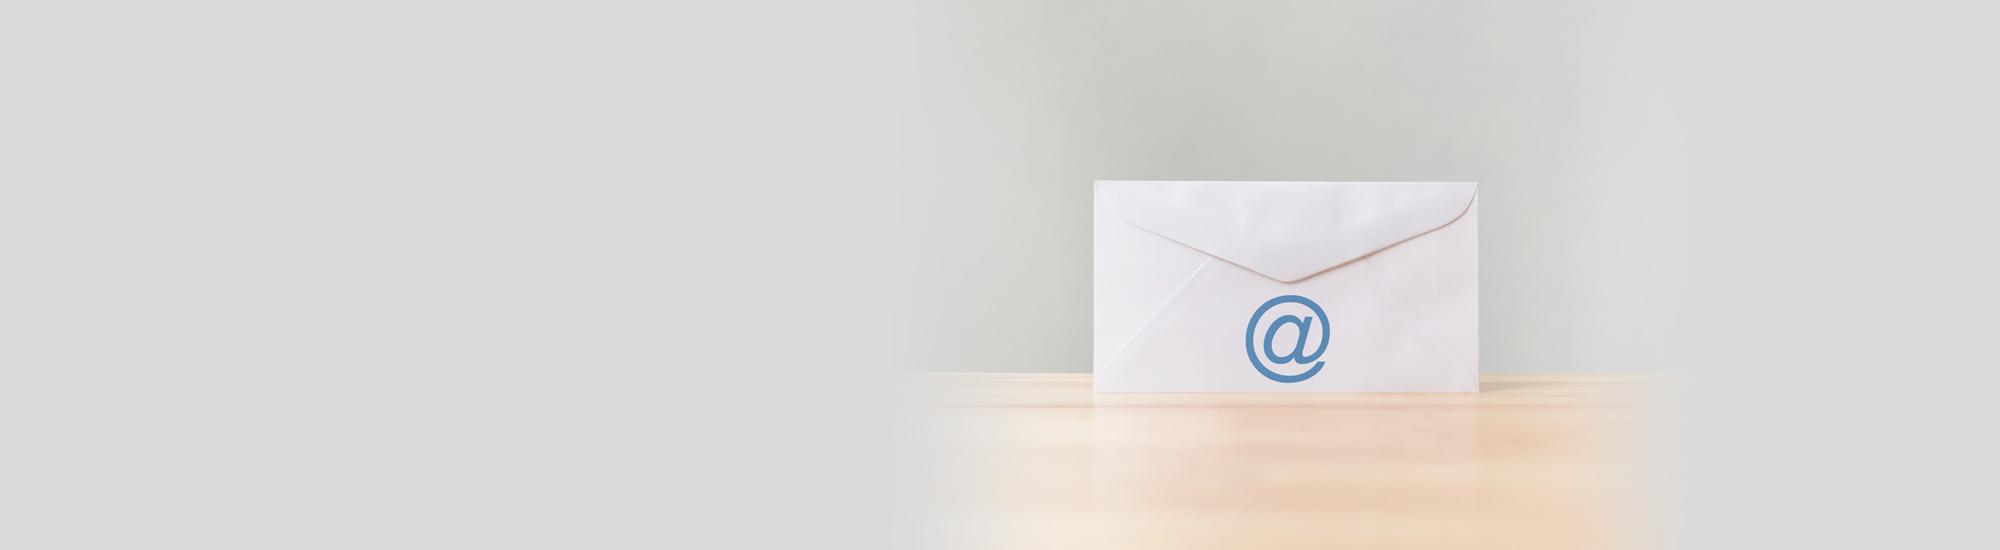 Briefumschlag mit Symbol e-Mail-Adresse auf einem Holztisch